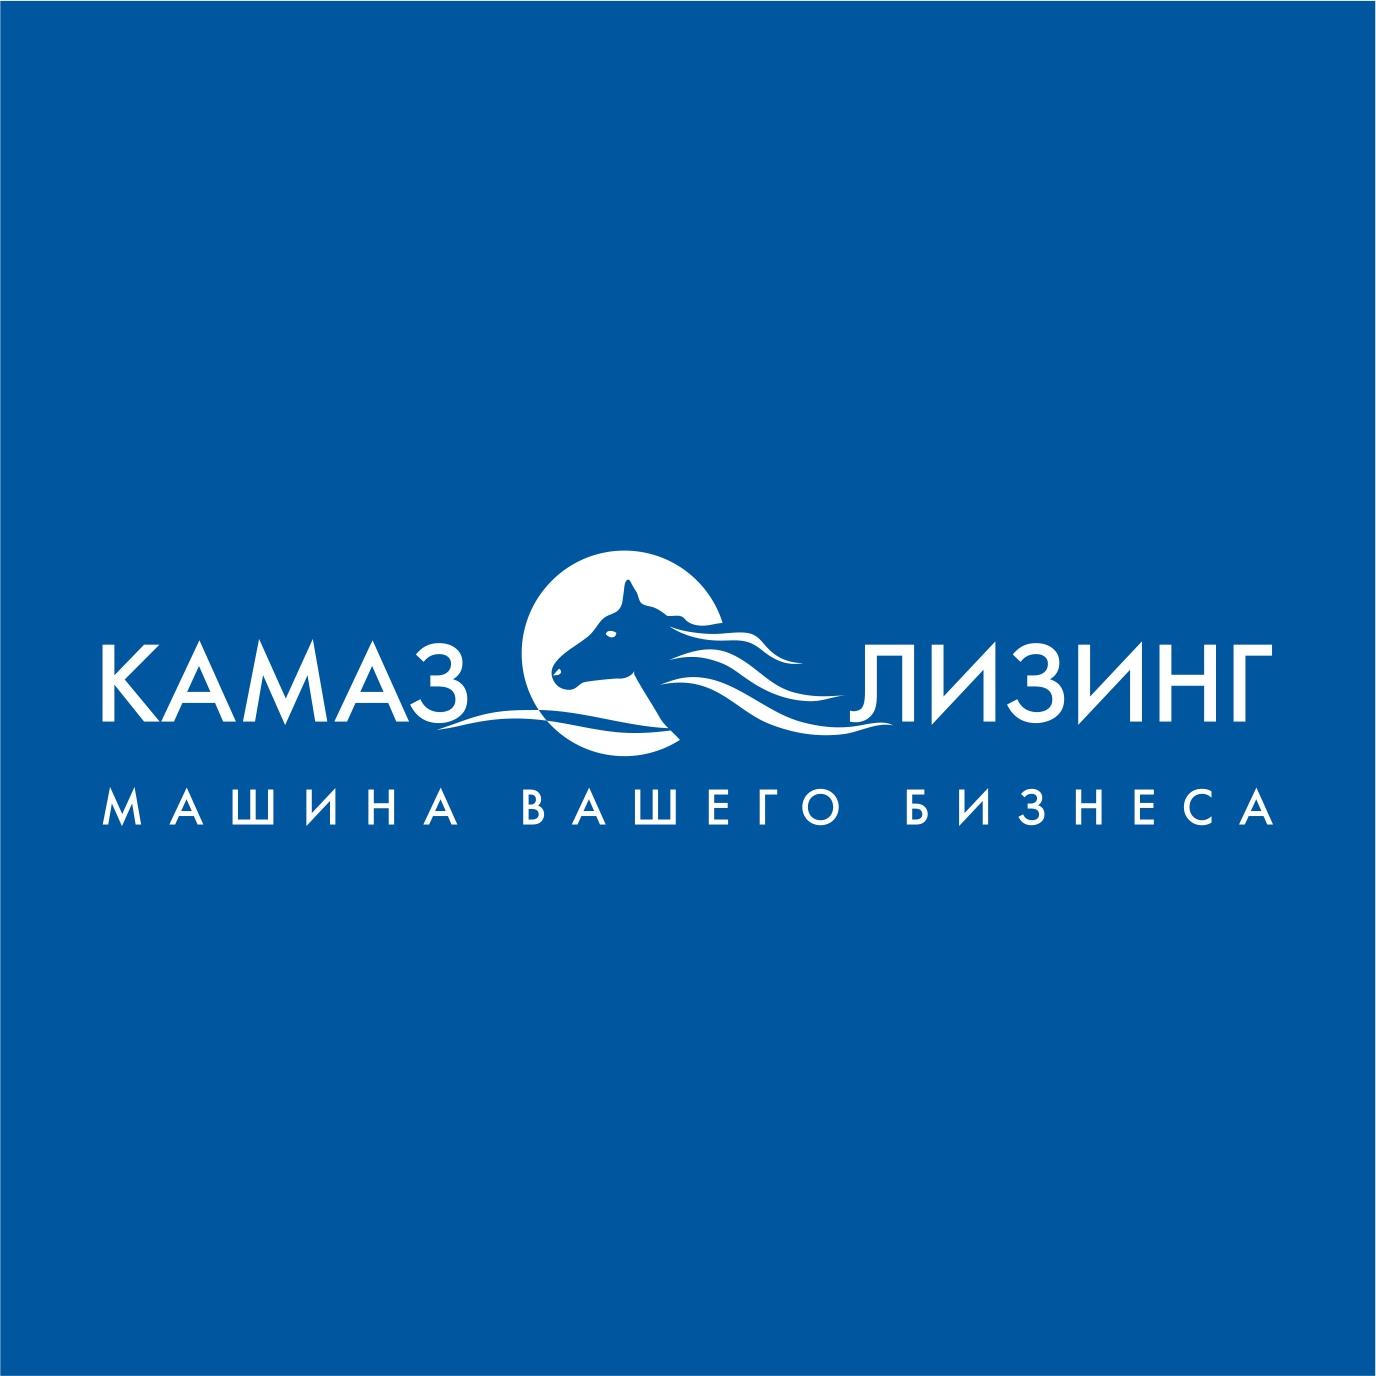 https://kamaz.ru/upload/iblock/4c0/4c0c4dfa2152794e7262b349ea34e932.jpg